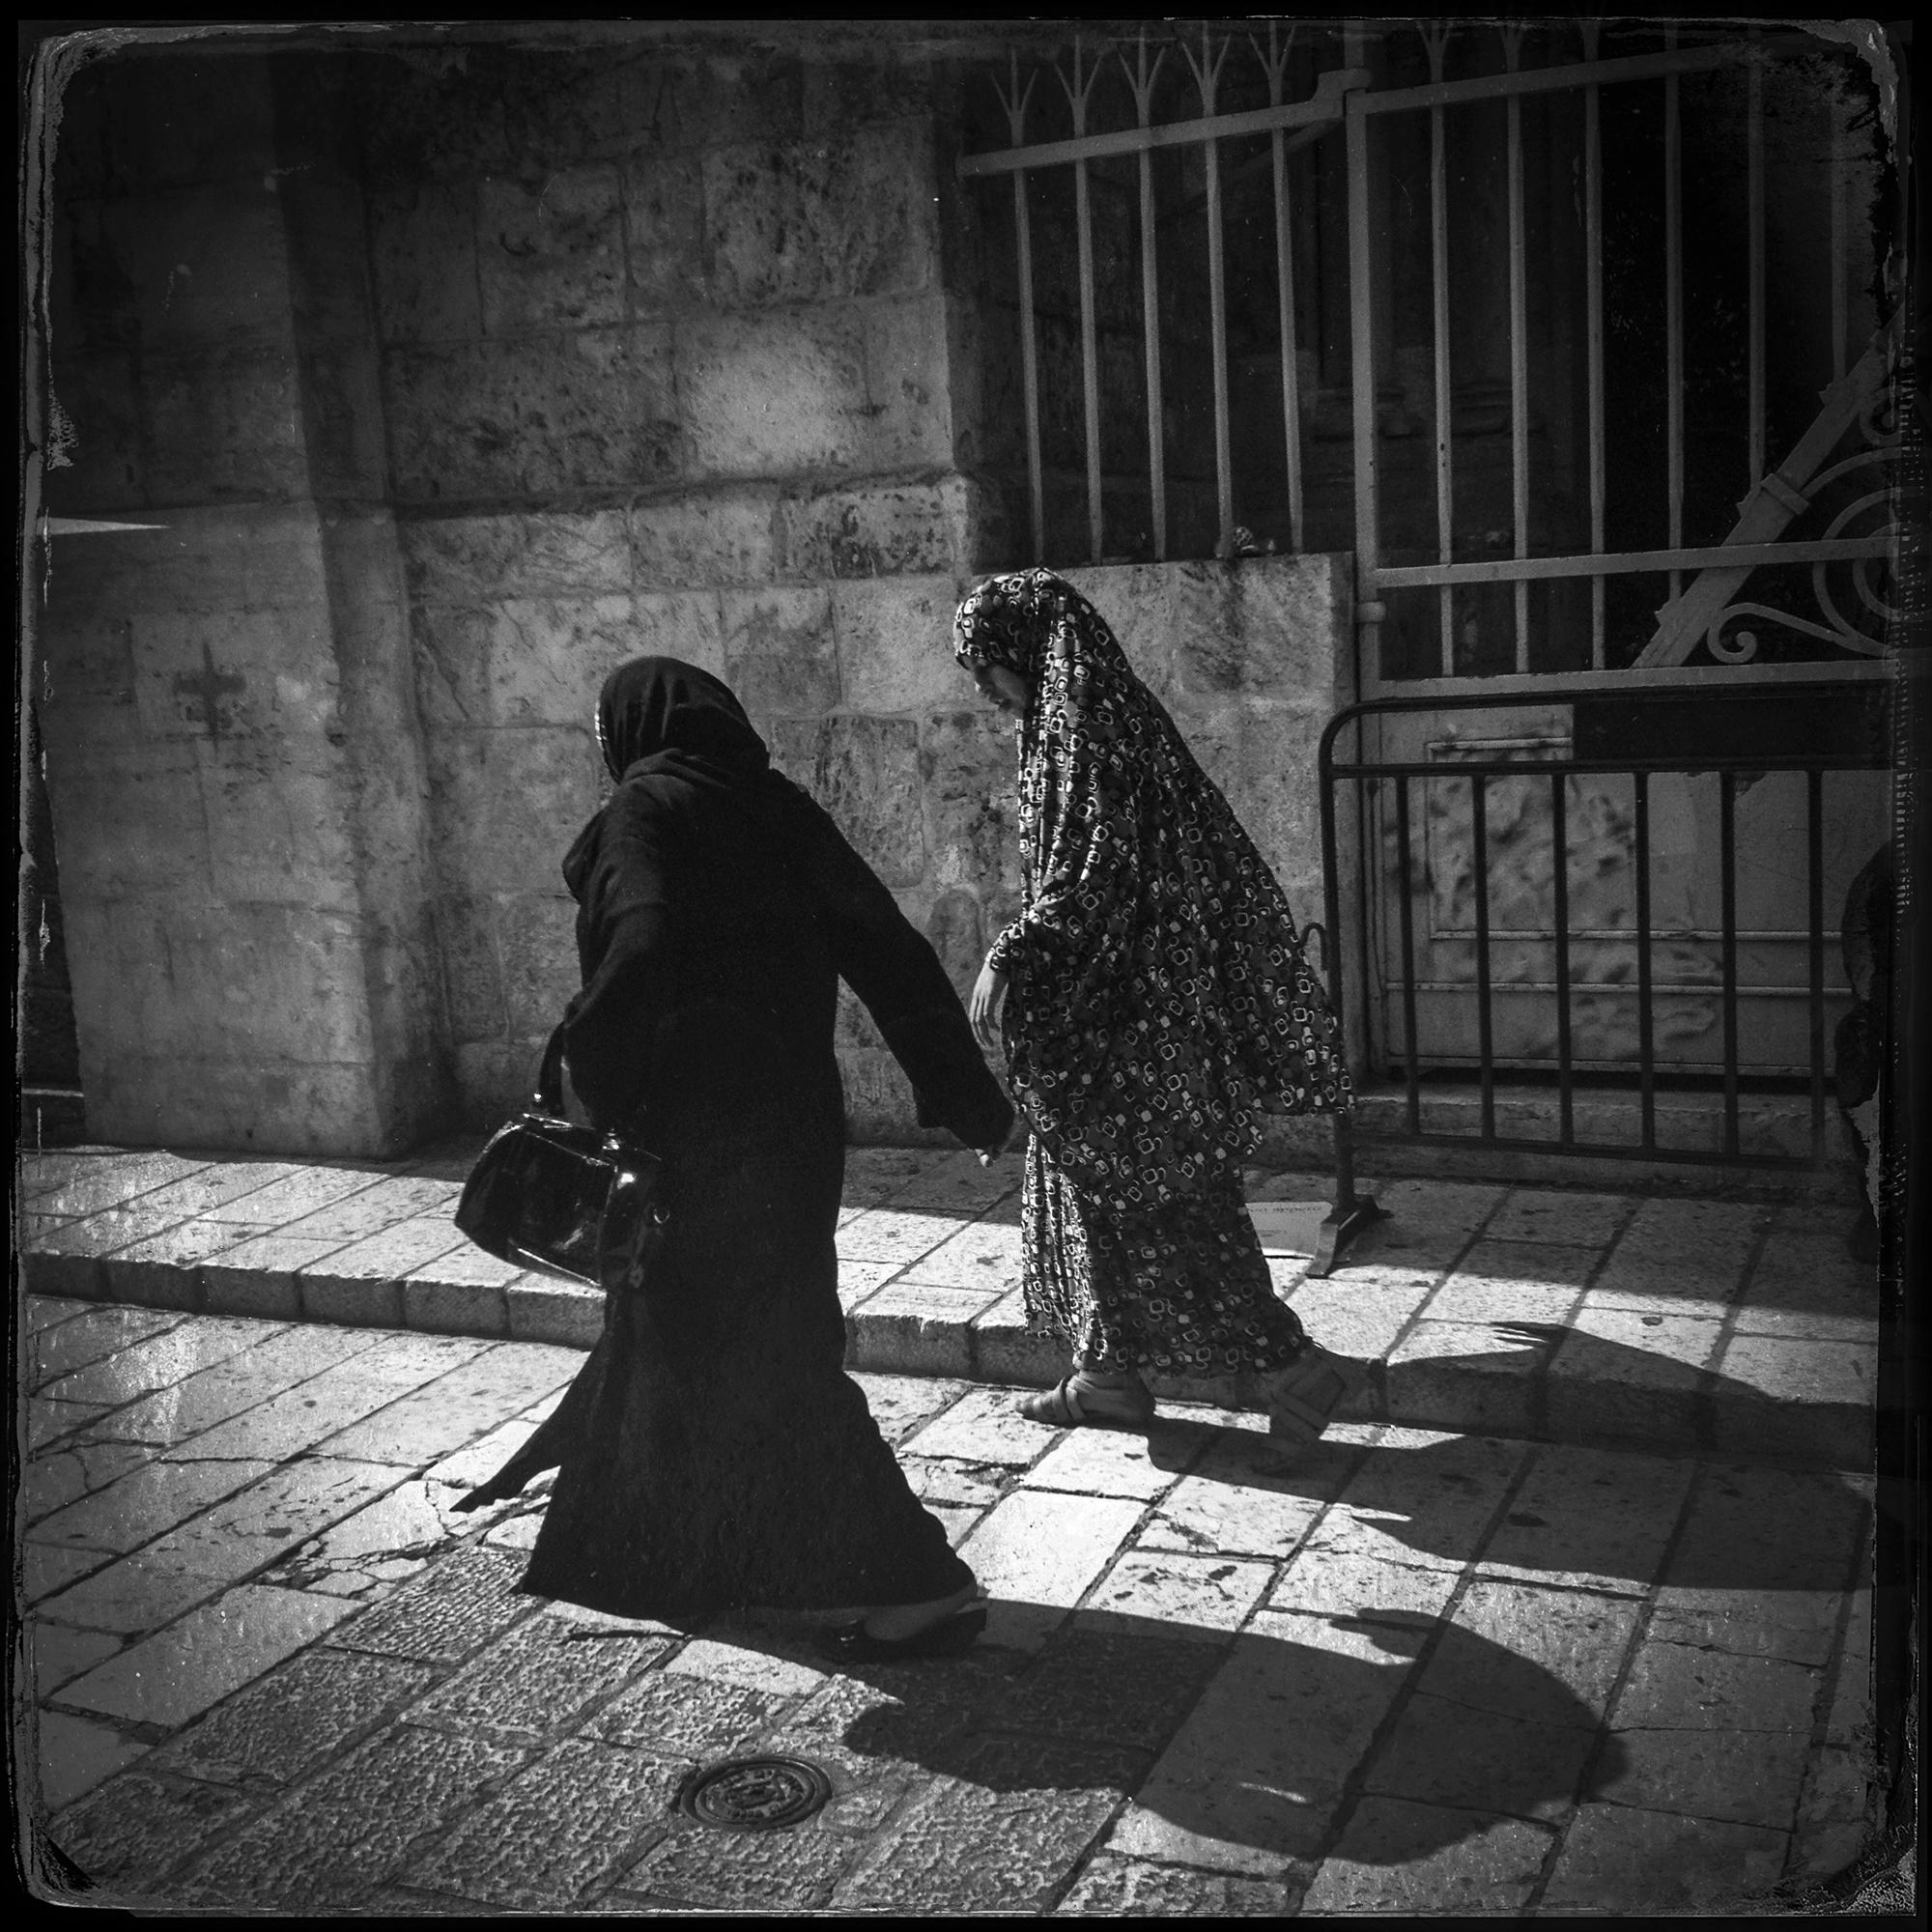 The Old City, Jerusalem, 2013